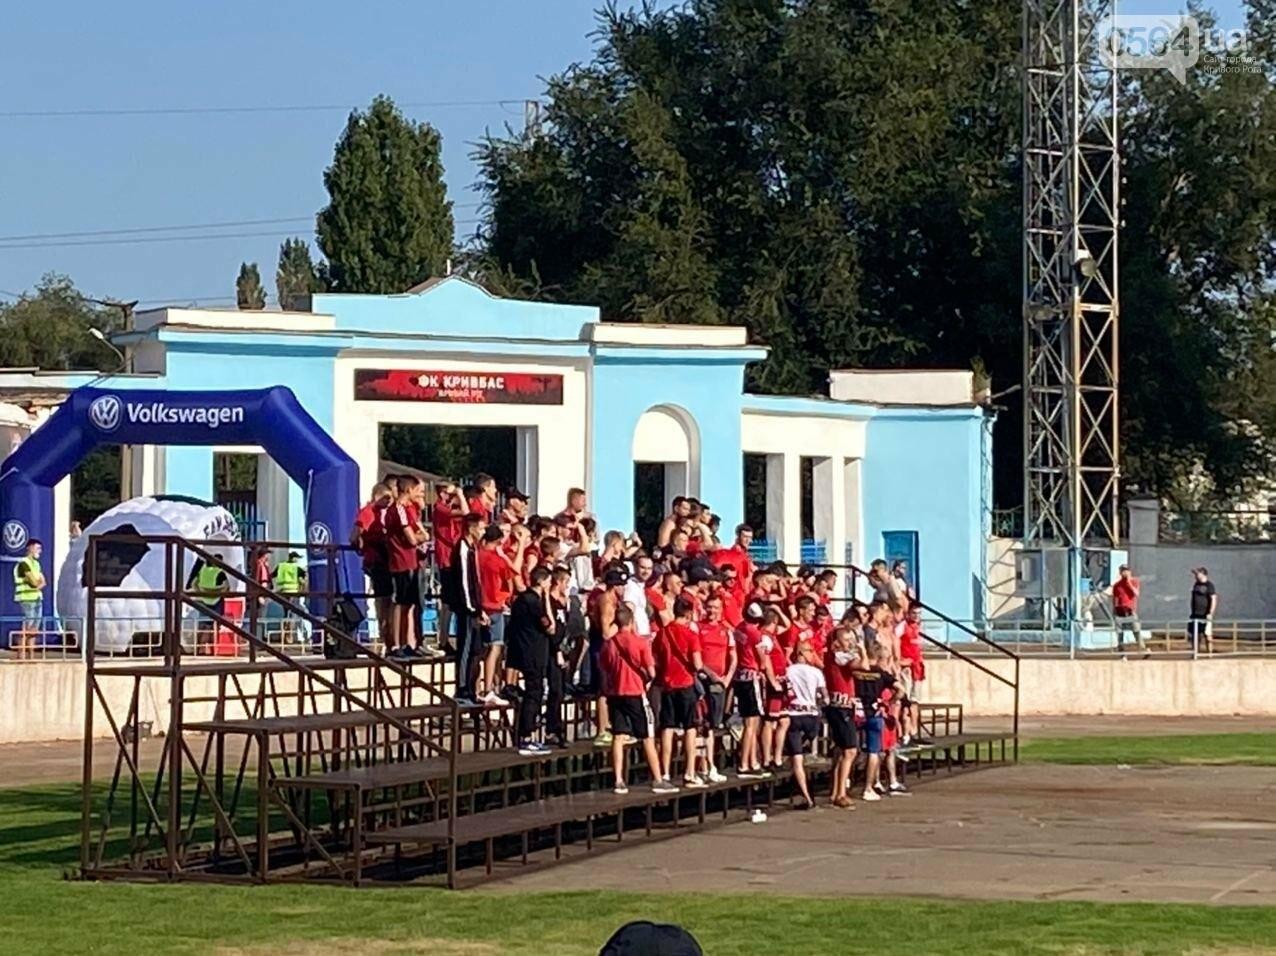 В Кривом Роге начался матч между ФК «Кривбасс» и ФК «Таврия»,  - ФОТО, ВИДЕО, фото-1